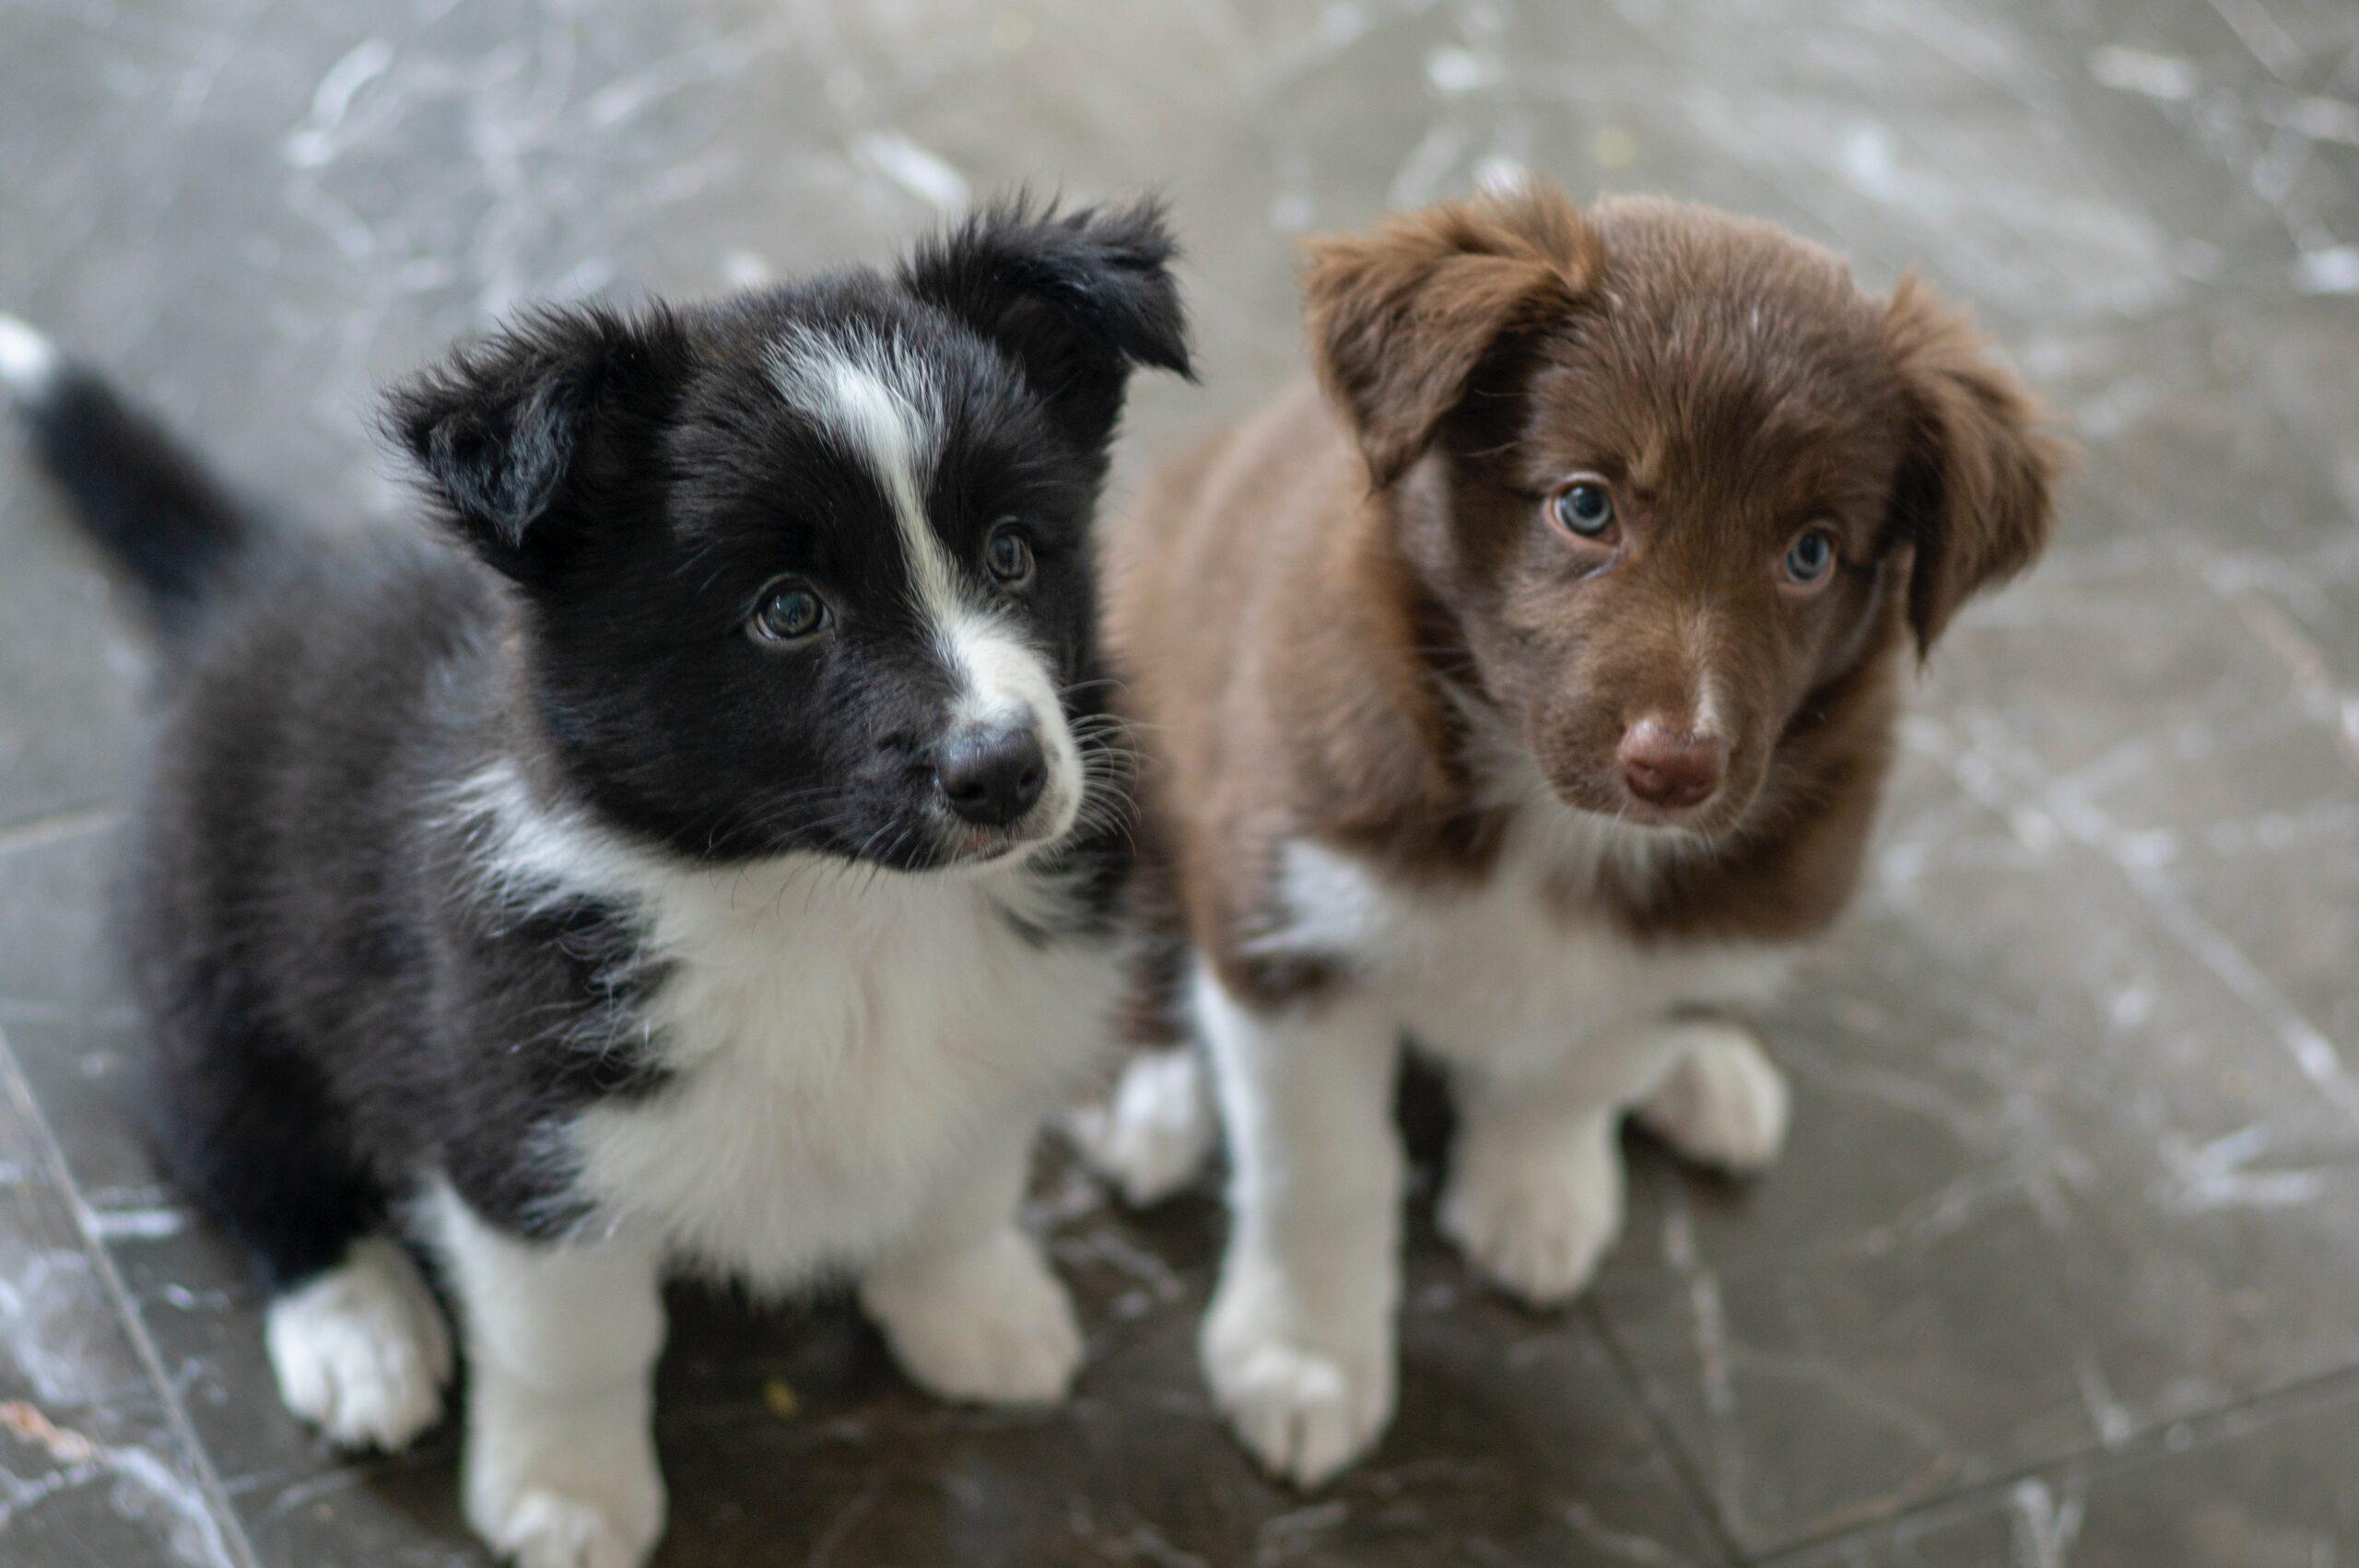 子犬には子犬用フードを!成長段階に応じた種類のある選りすぐりのドッグフードブランド